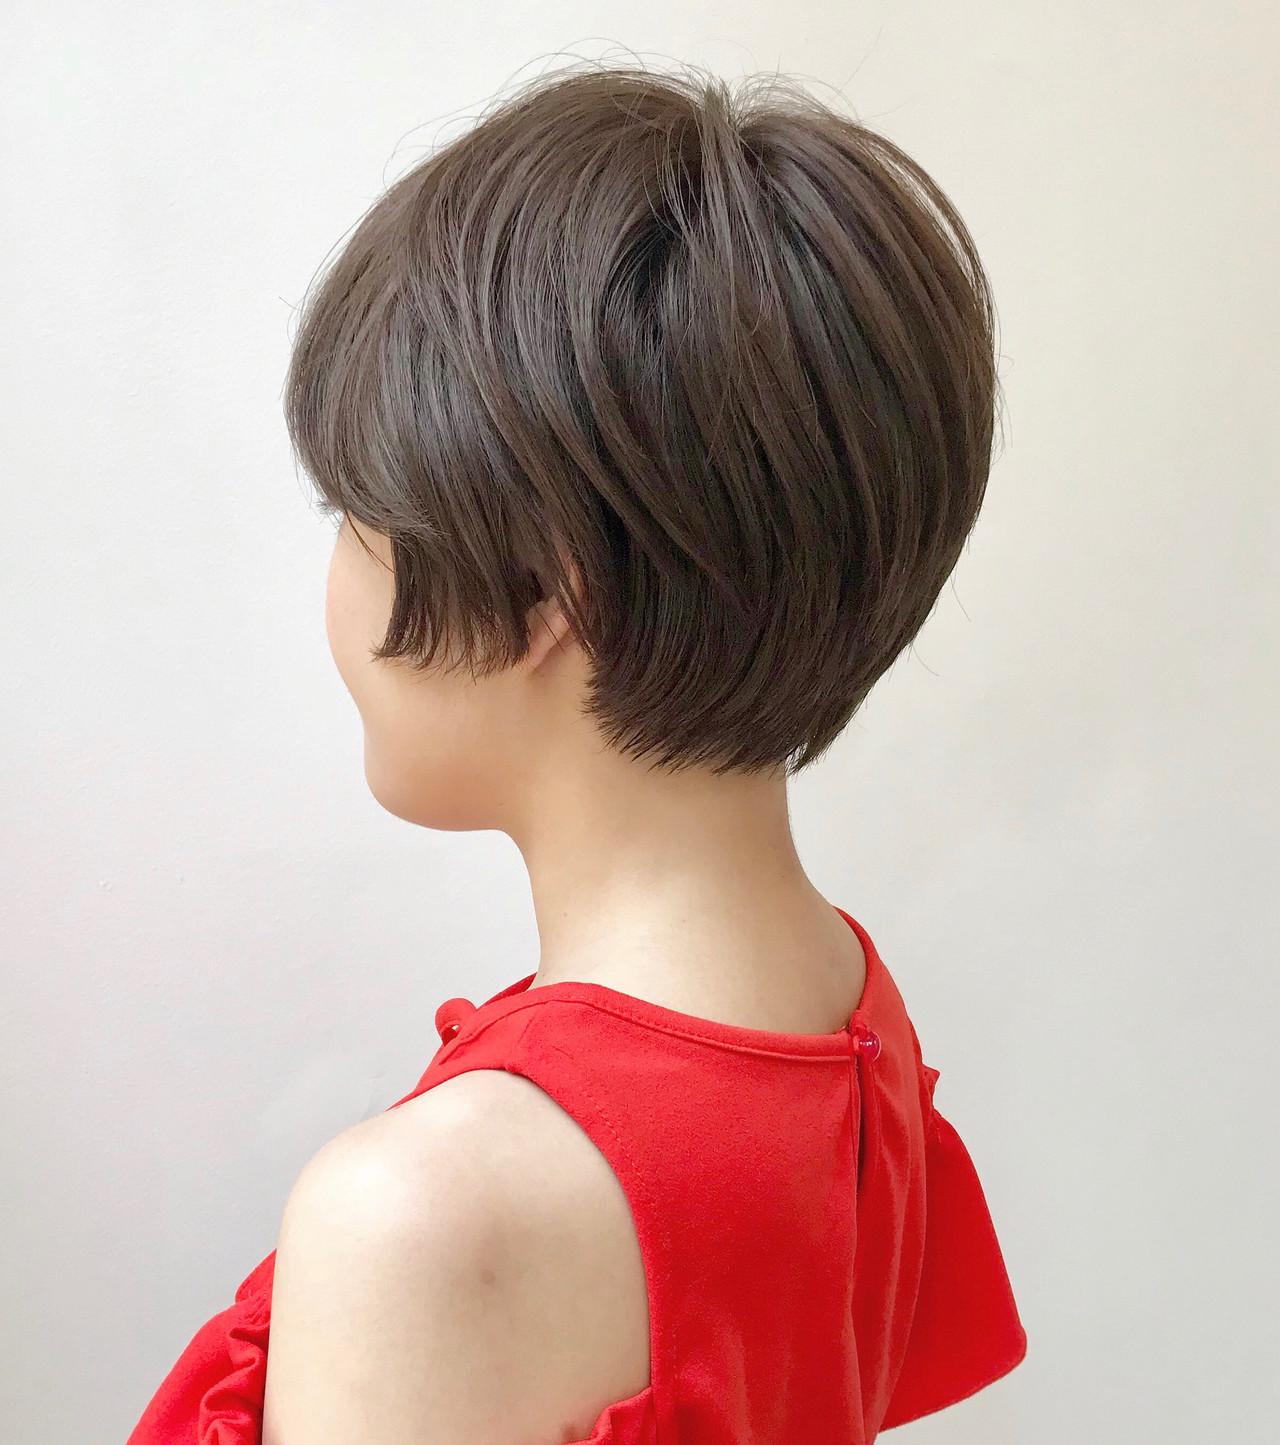 アッシュベージュ ショートボブ ショート ナチュラル ヘアスタイルや髪型の写真・画像